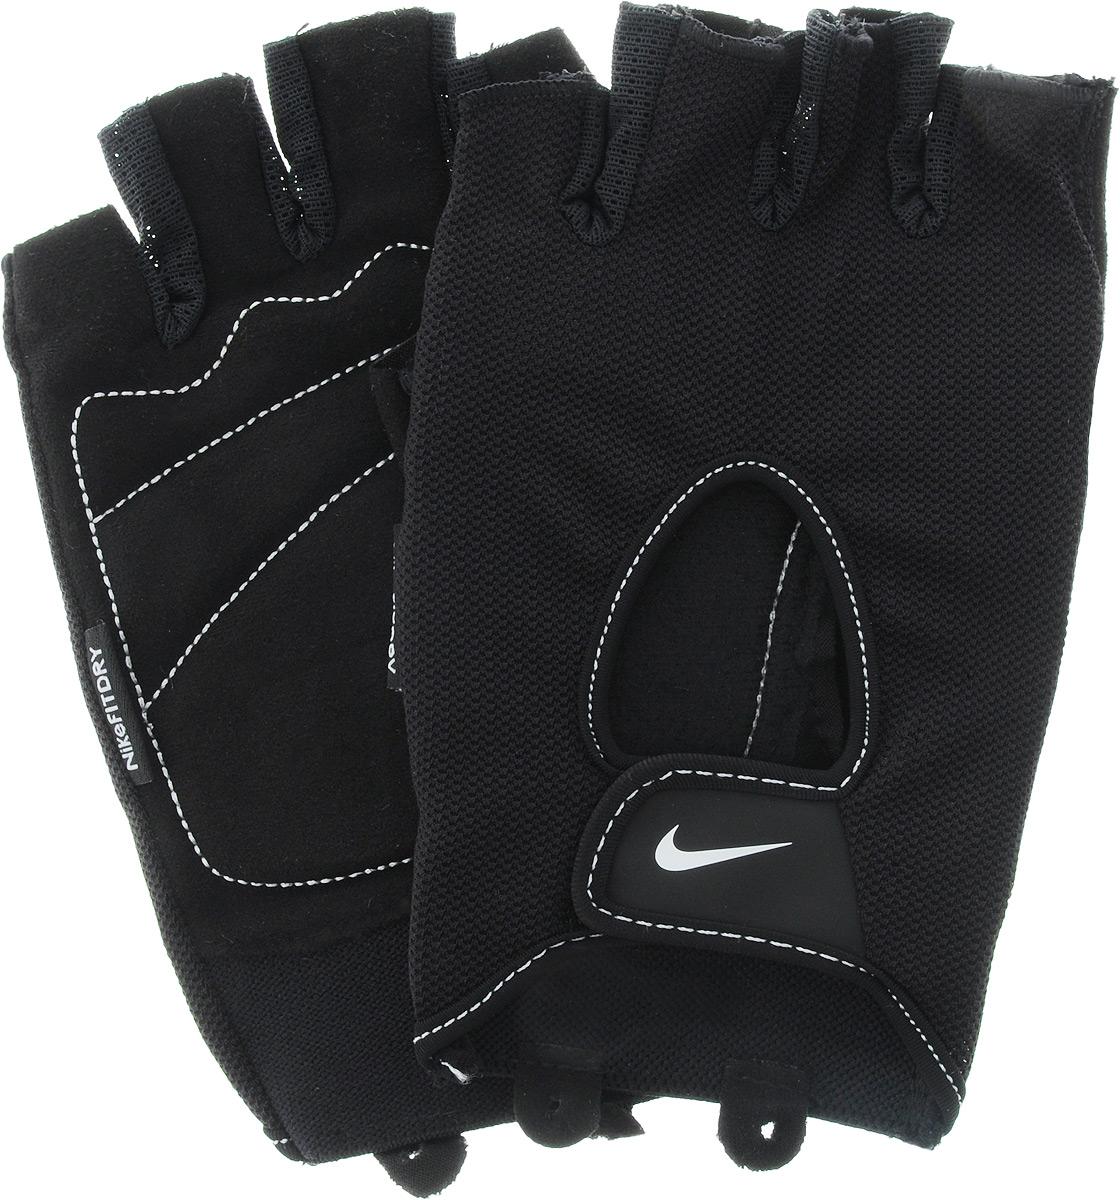 Перчатки для фитнеса мужские Nike Mens Fundamental Training Gloves, цвет: черный. Размер S9.092.051.037.Удобные перчатки Nike Mens Fundamental Training Gloves для фитнеса оформлены цветным логотипом бренда Nike. Трафаретная печать swoosh-лого на внешней стороне модели обеспечивает моментальную идентификацию бренда.Ладонь прошита в линиях сгиба, обеспечивая тем самым необходимое смягчение в самых важных зонах. Внутренняя часть перчаток выполнена из мягкой искусственной замши, что обеспечивает комфорт и долговечность в использовании данного аксессуара.Регулируемая застежка на запястье обеспечивает надежную посадку.